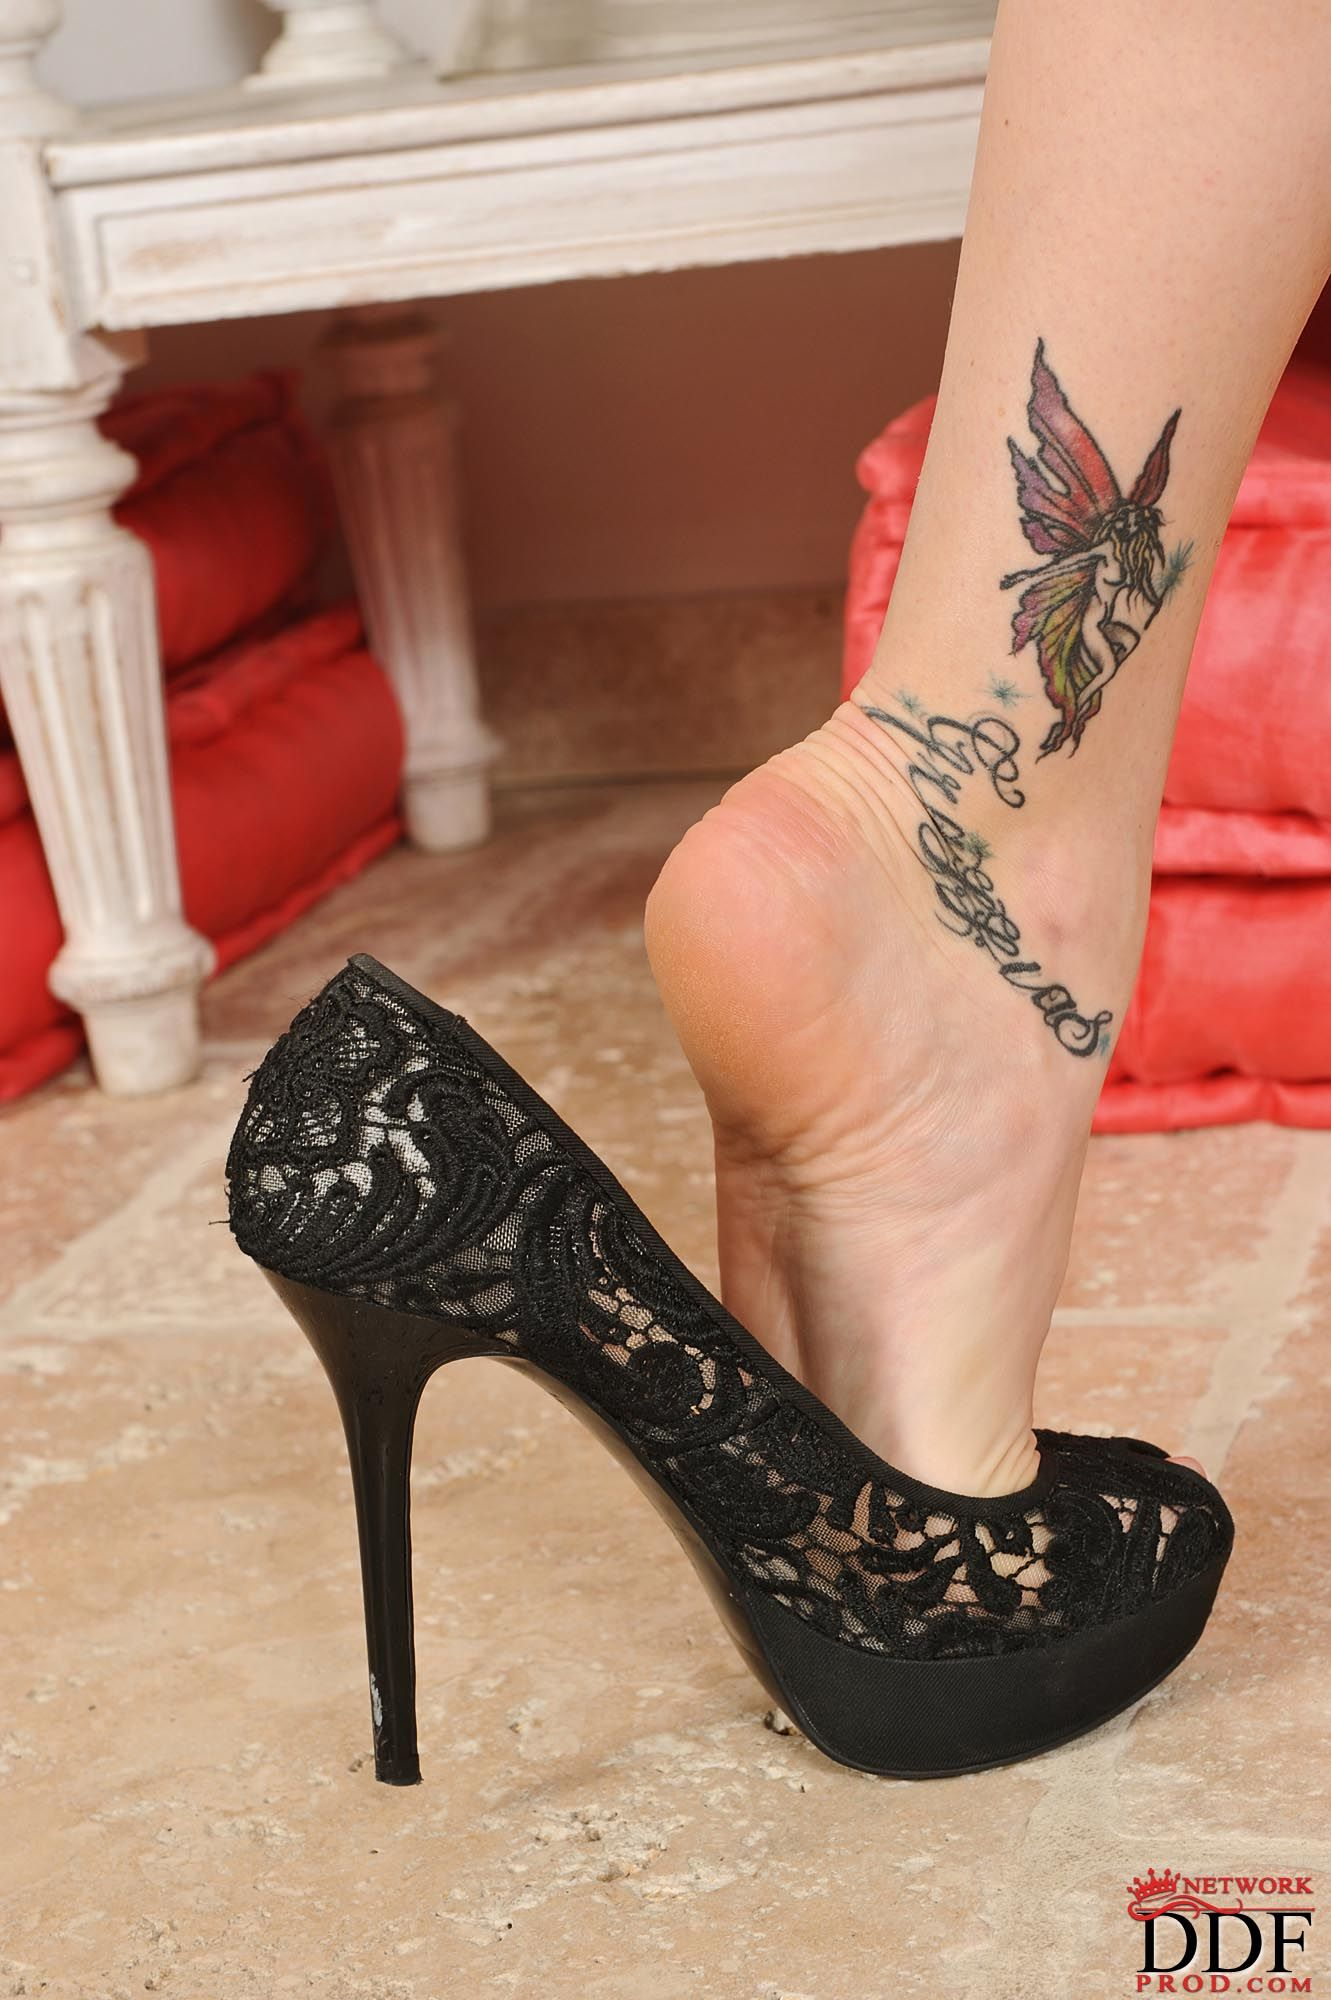 Long legs in high heels foot fetish